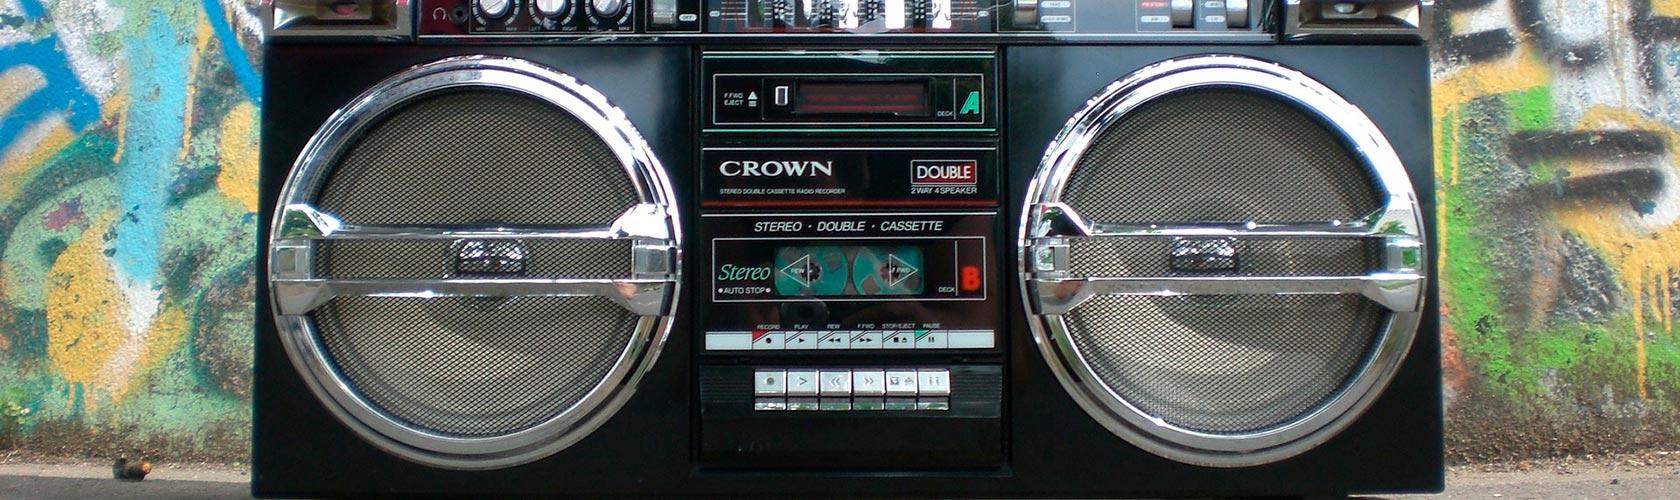 cassette_new2